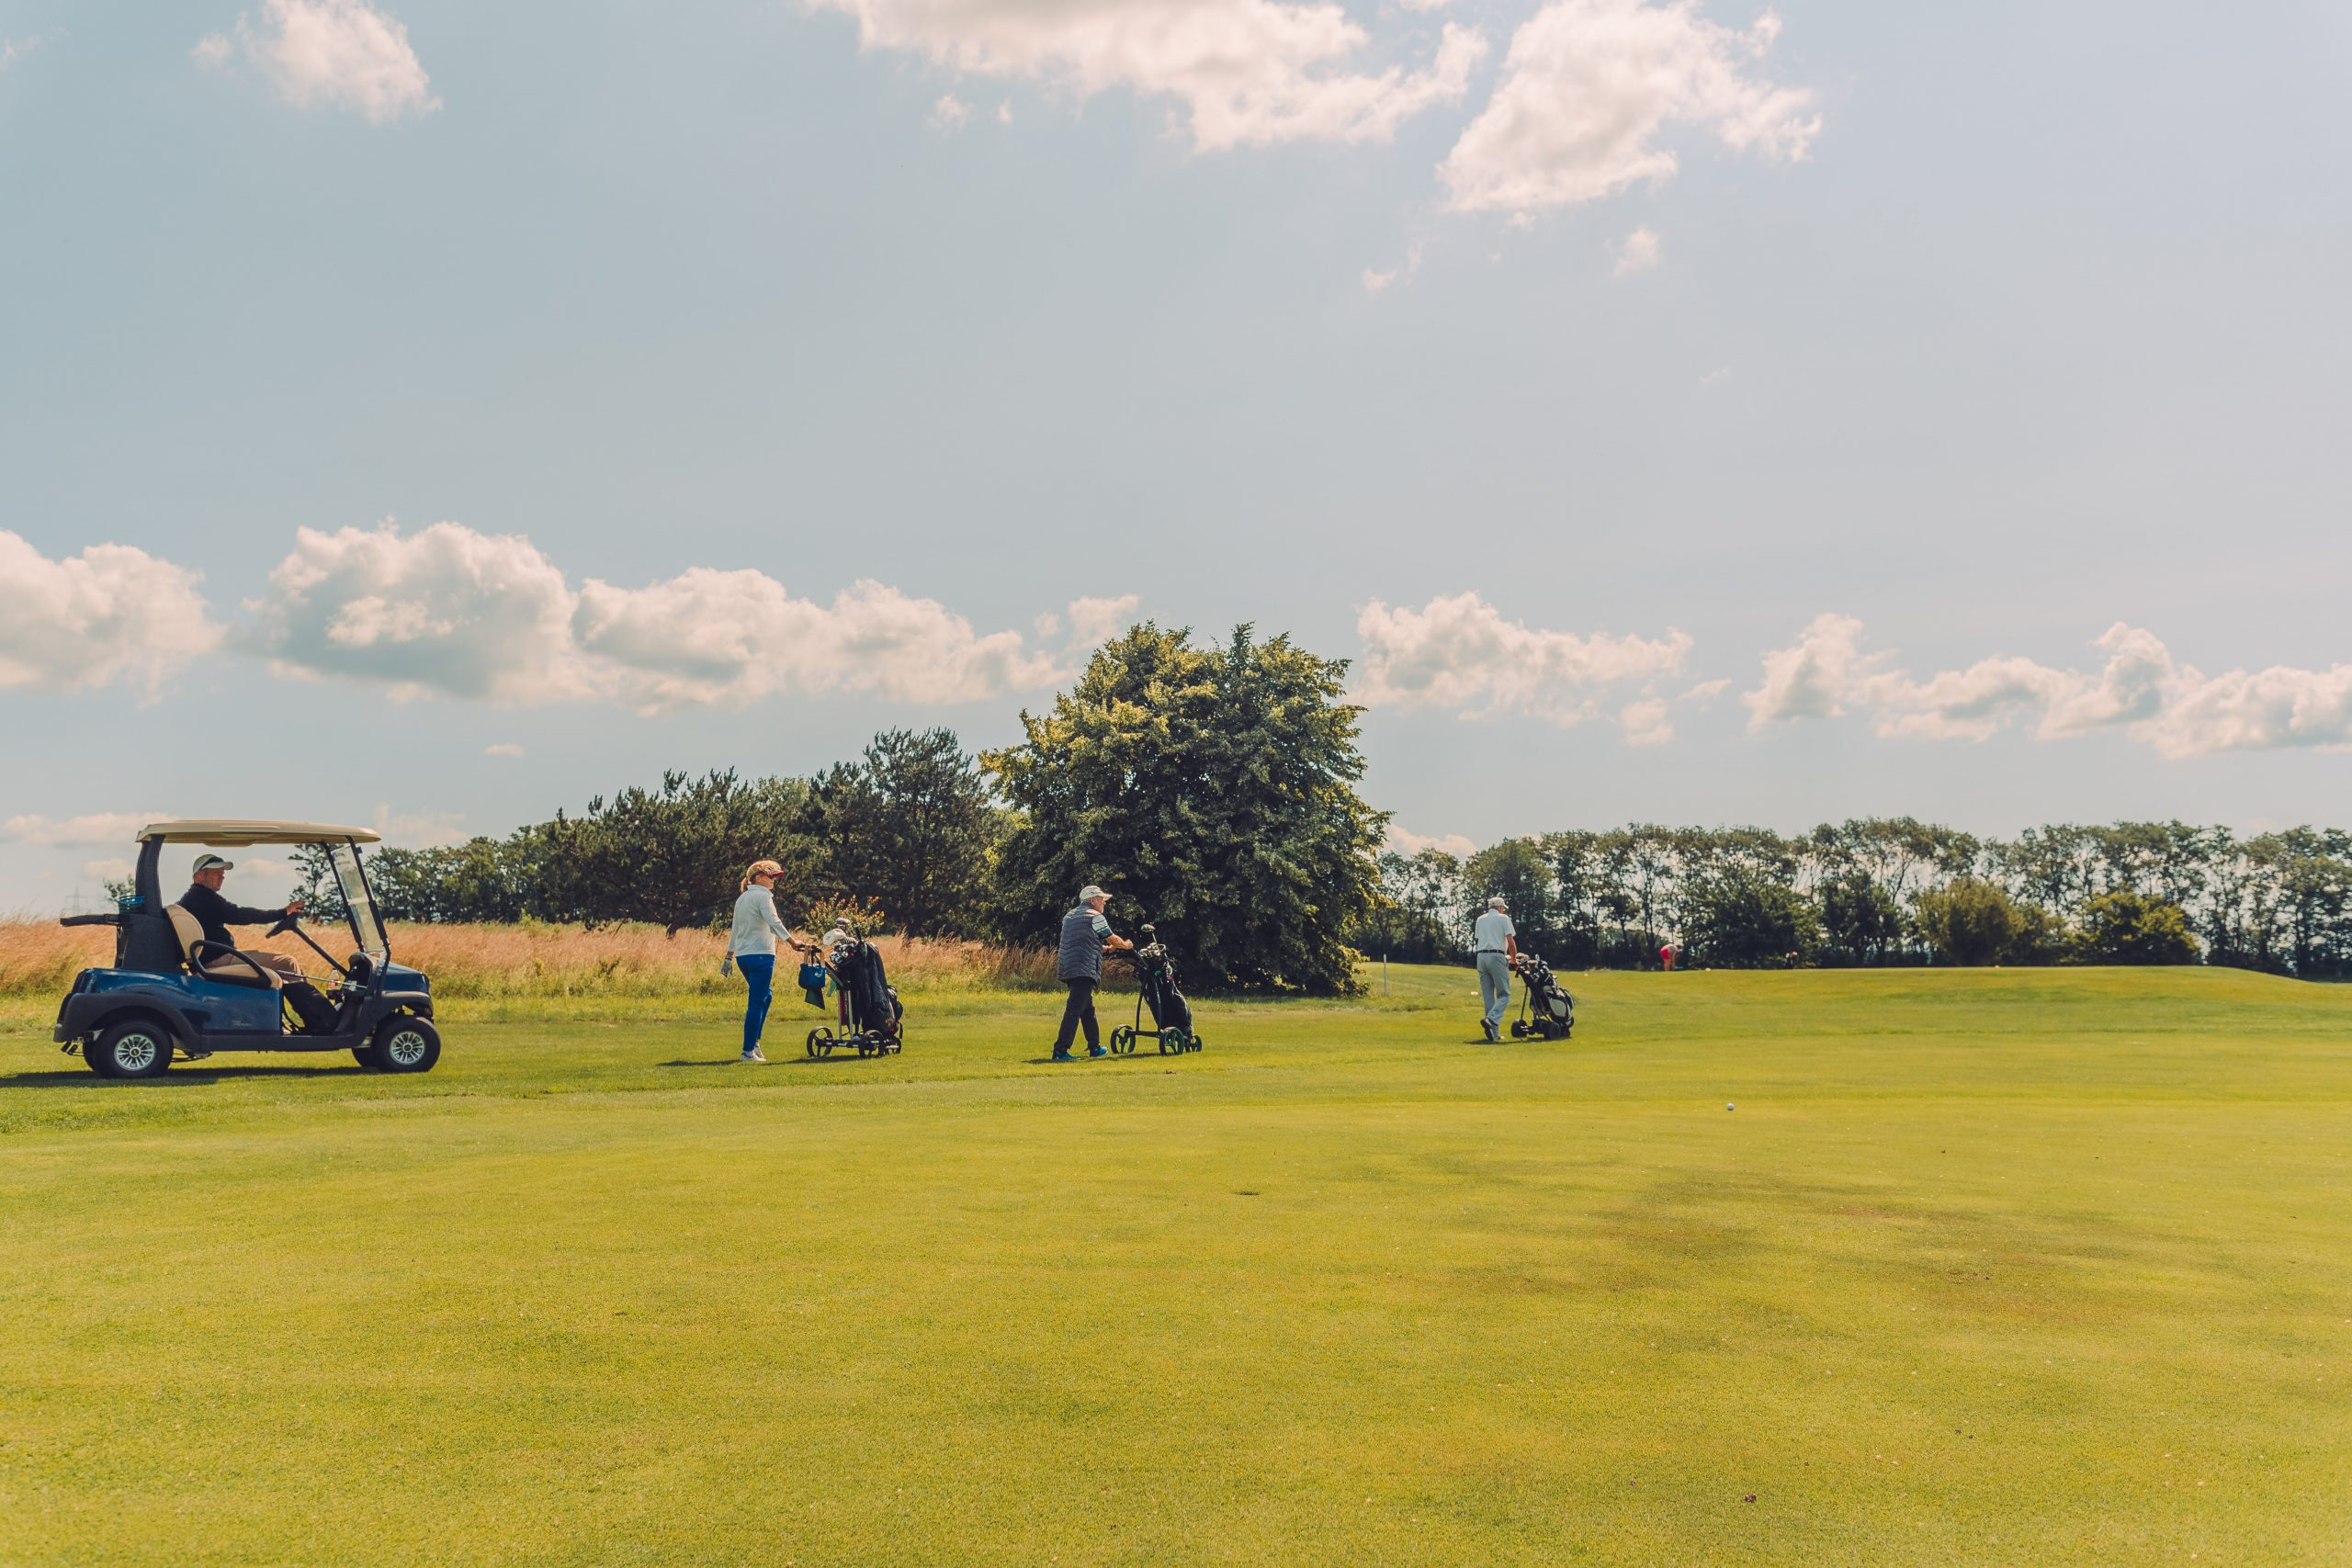 Golfcart und Golfspieler am Weg zur nächsten Bahn.